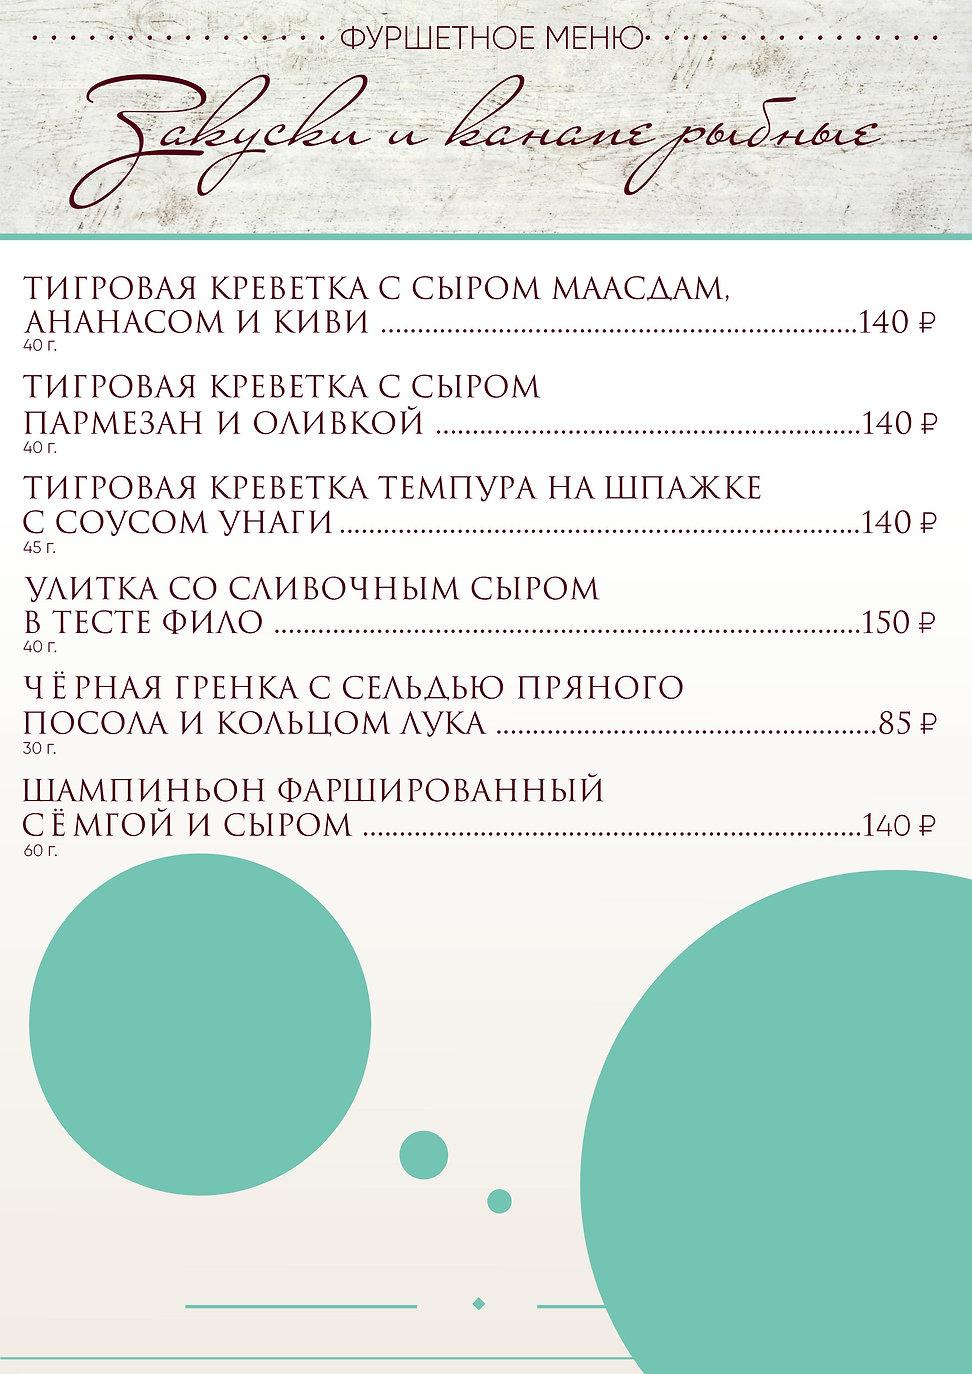 фуршетное меню - 4-2.jpg